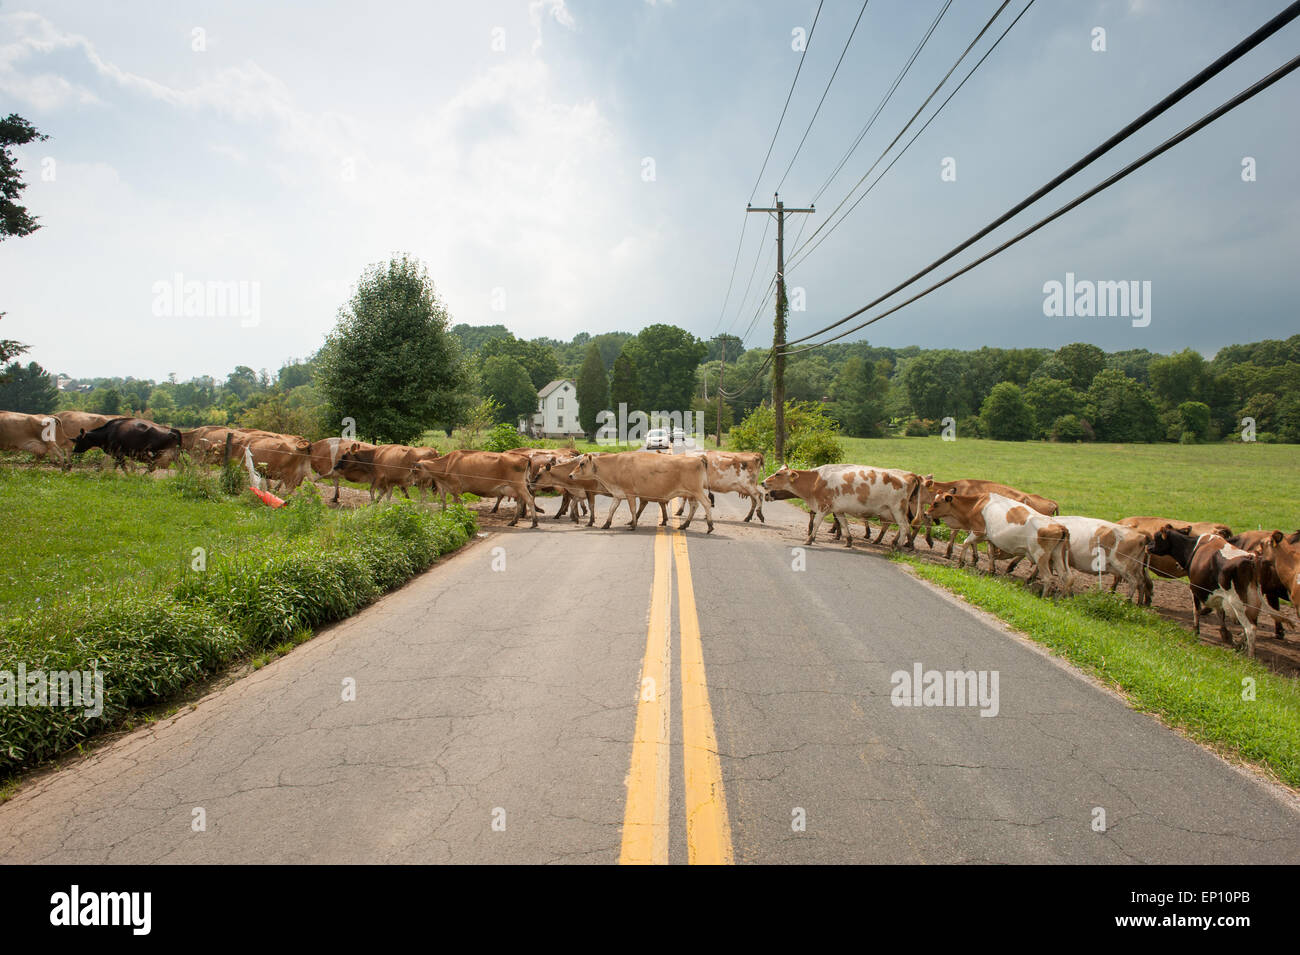 Las vacas lecheras al cruzar la carretera cerca de largo verde, Maryland, EE.UU. Imagen De Stock